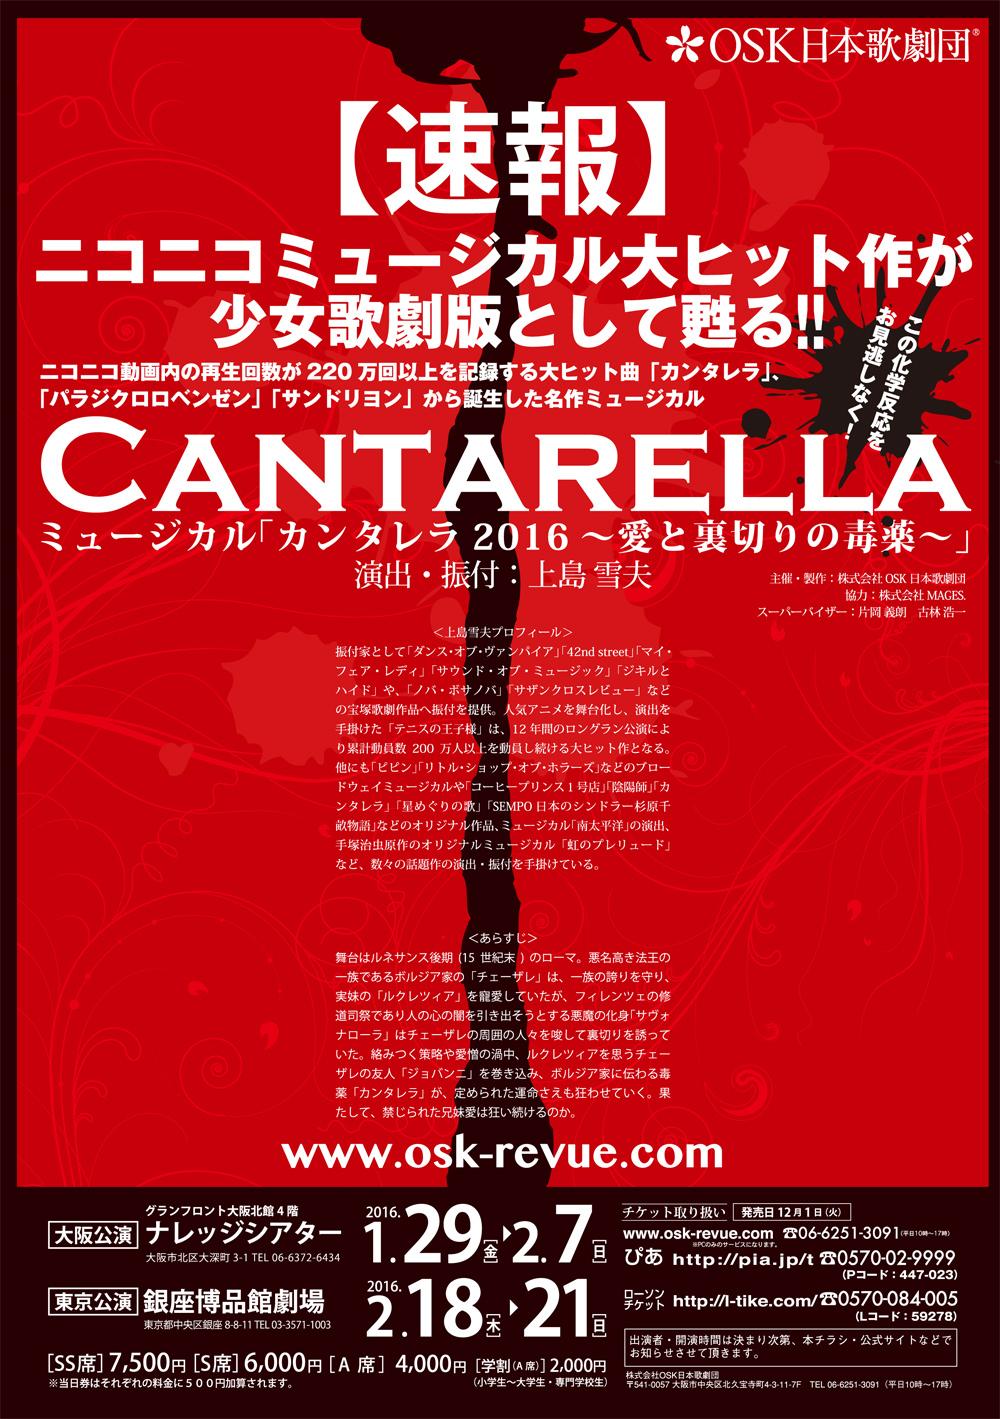 ニコニコミュージカル『カンタレラ』 OSK日本歌劇団にて少女歌劇版で甦る